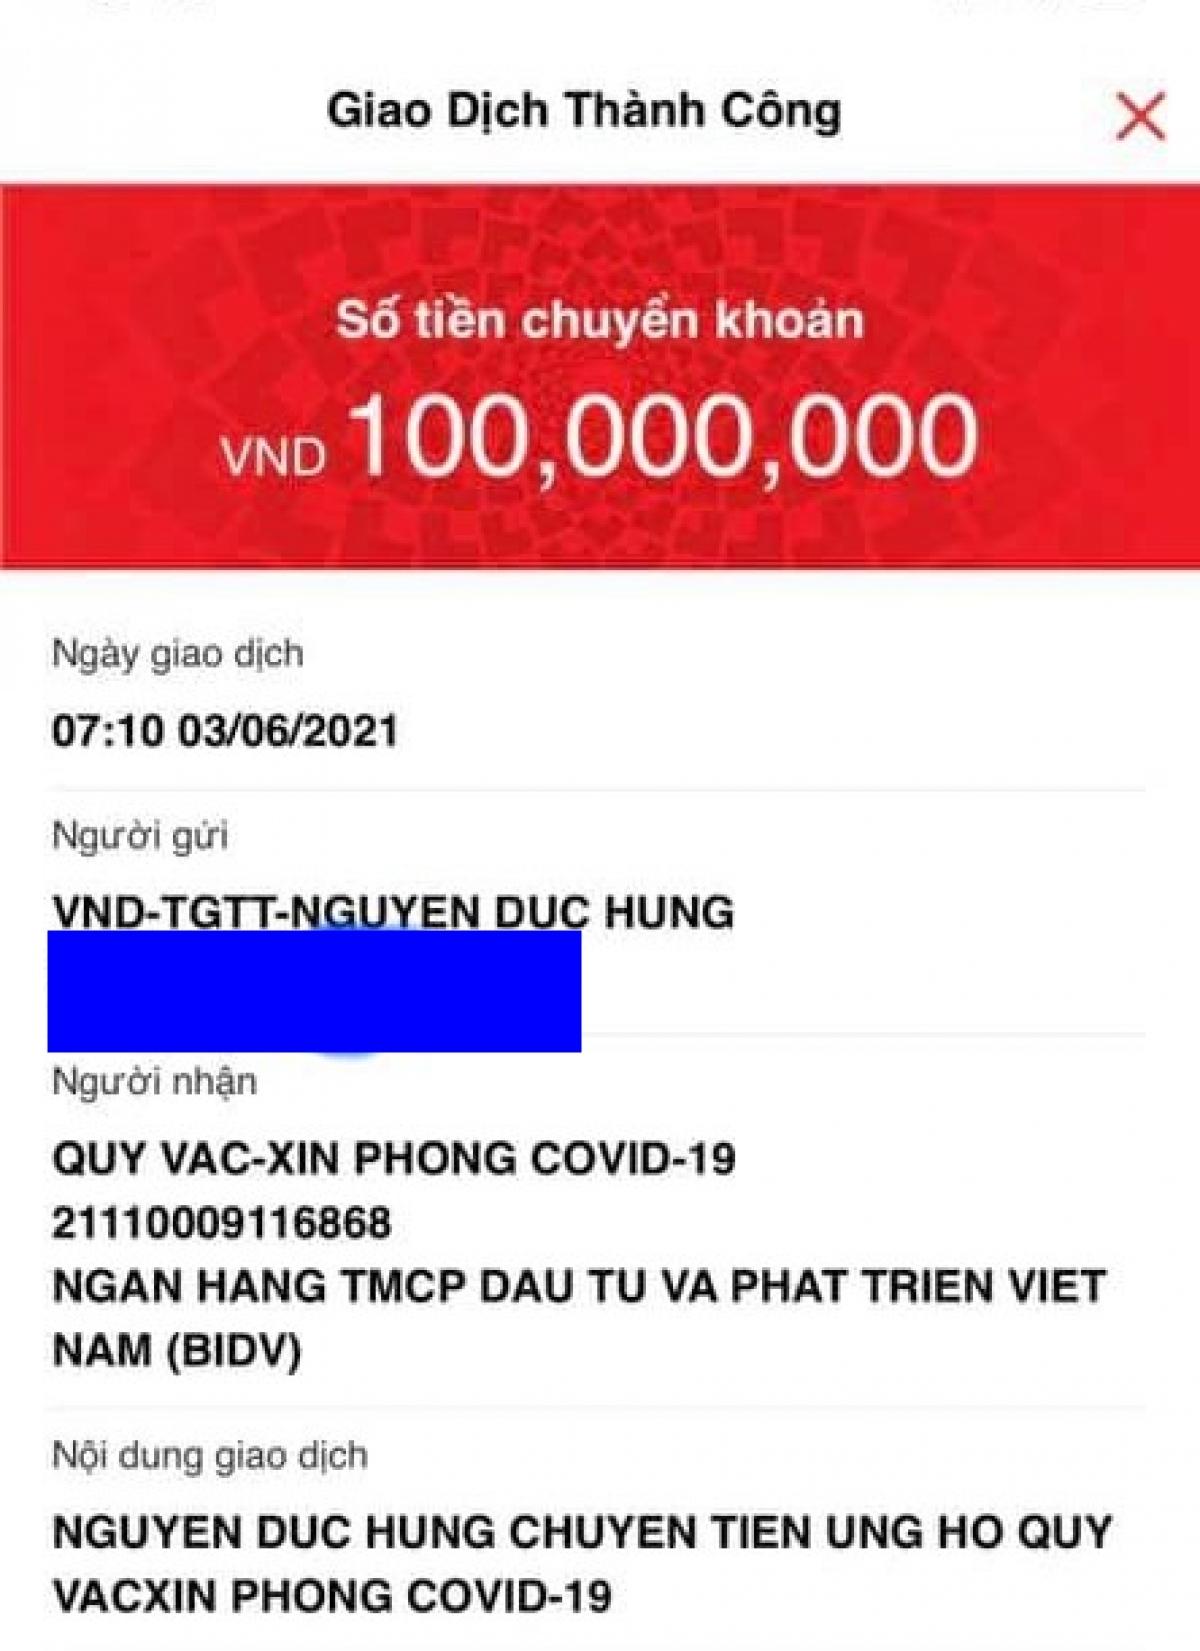 100 triệu đã được chuyển vào Quỹ Vaccine phòngCOVID-19 trong ngày sinh nhật con trai anh Đức Hùng.